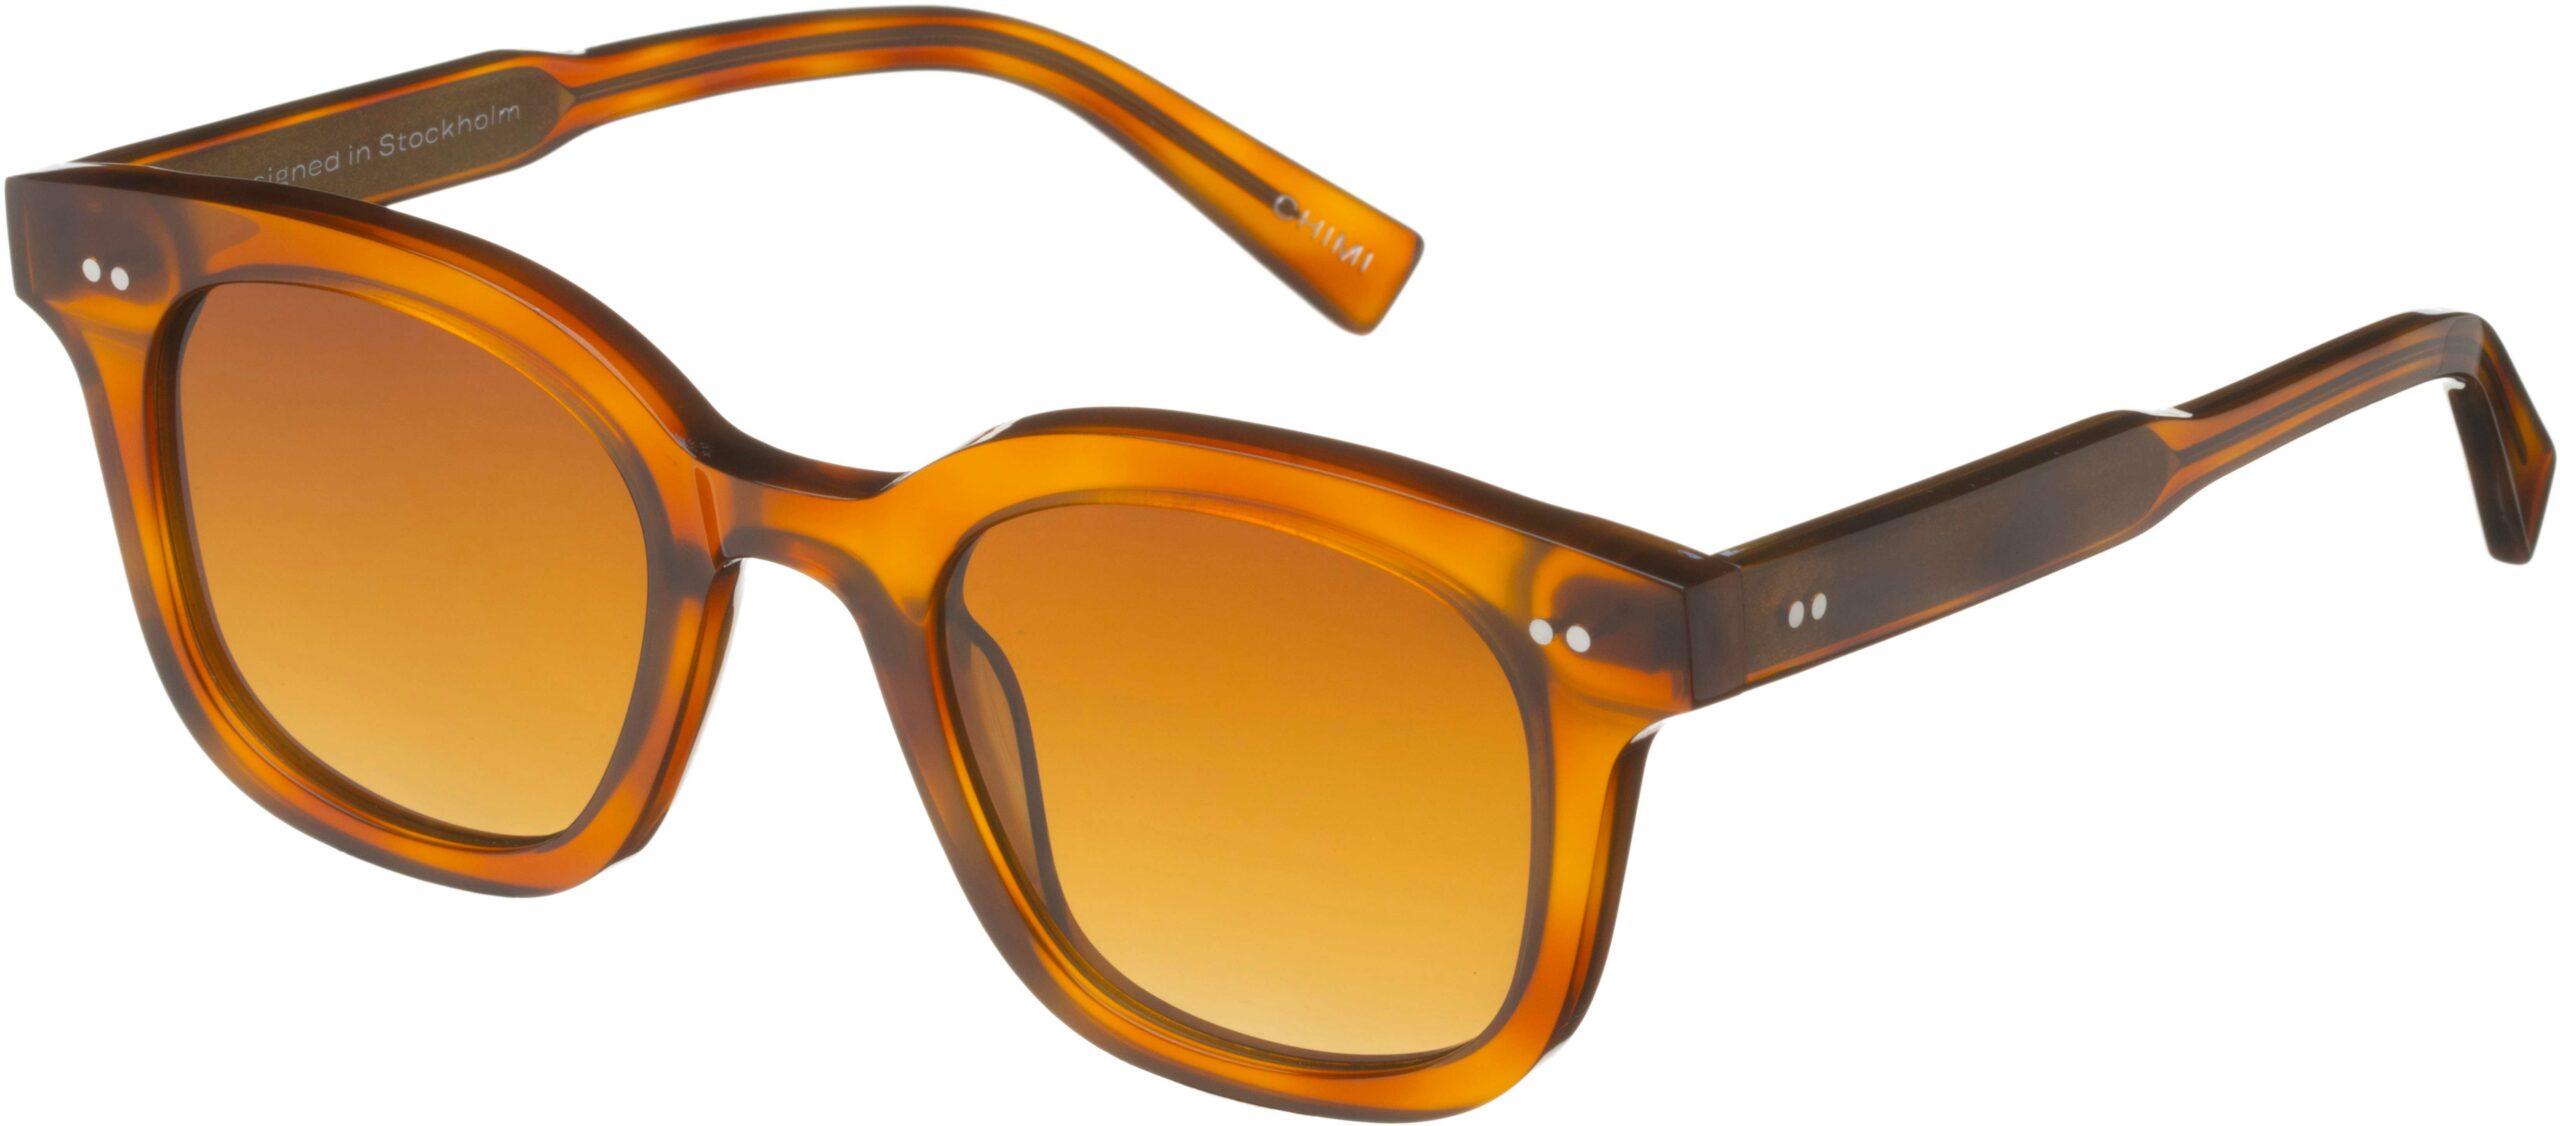 Chimi Eyewear #02 Havana/Gradient Brown | 7340192604130